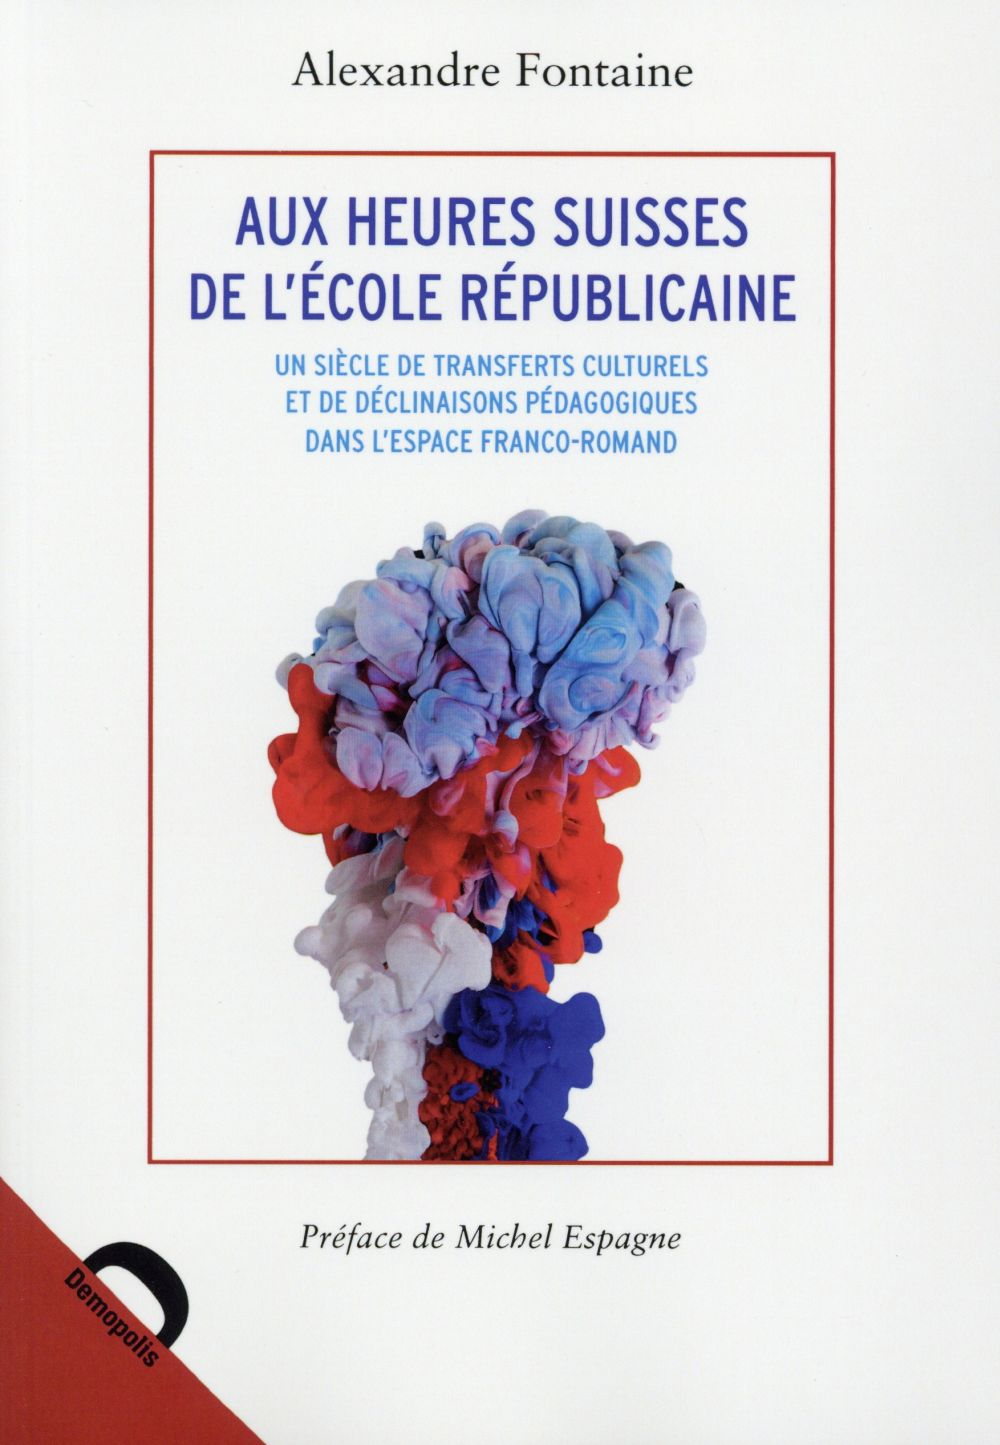 L'école républicaine à la française, une histoire suisse ?